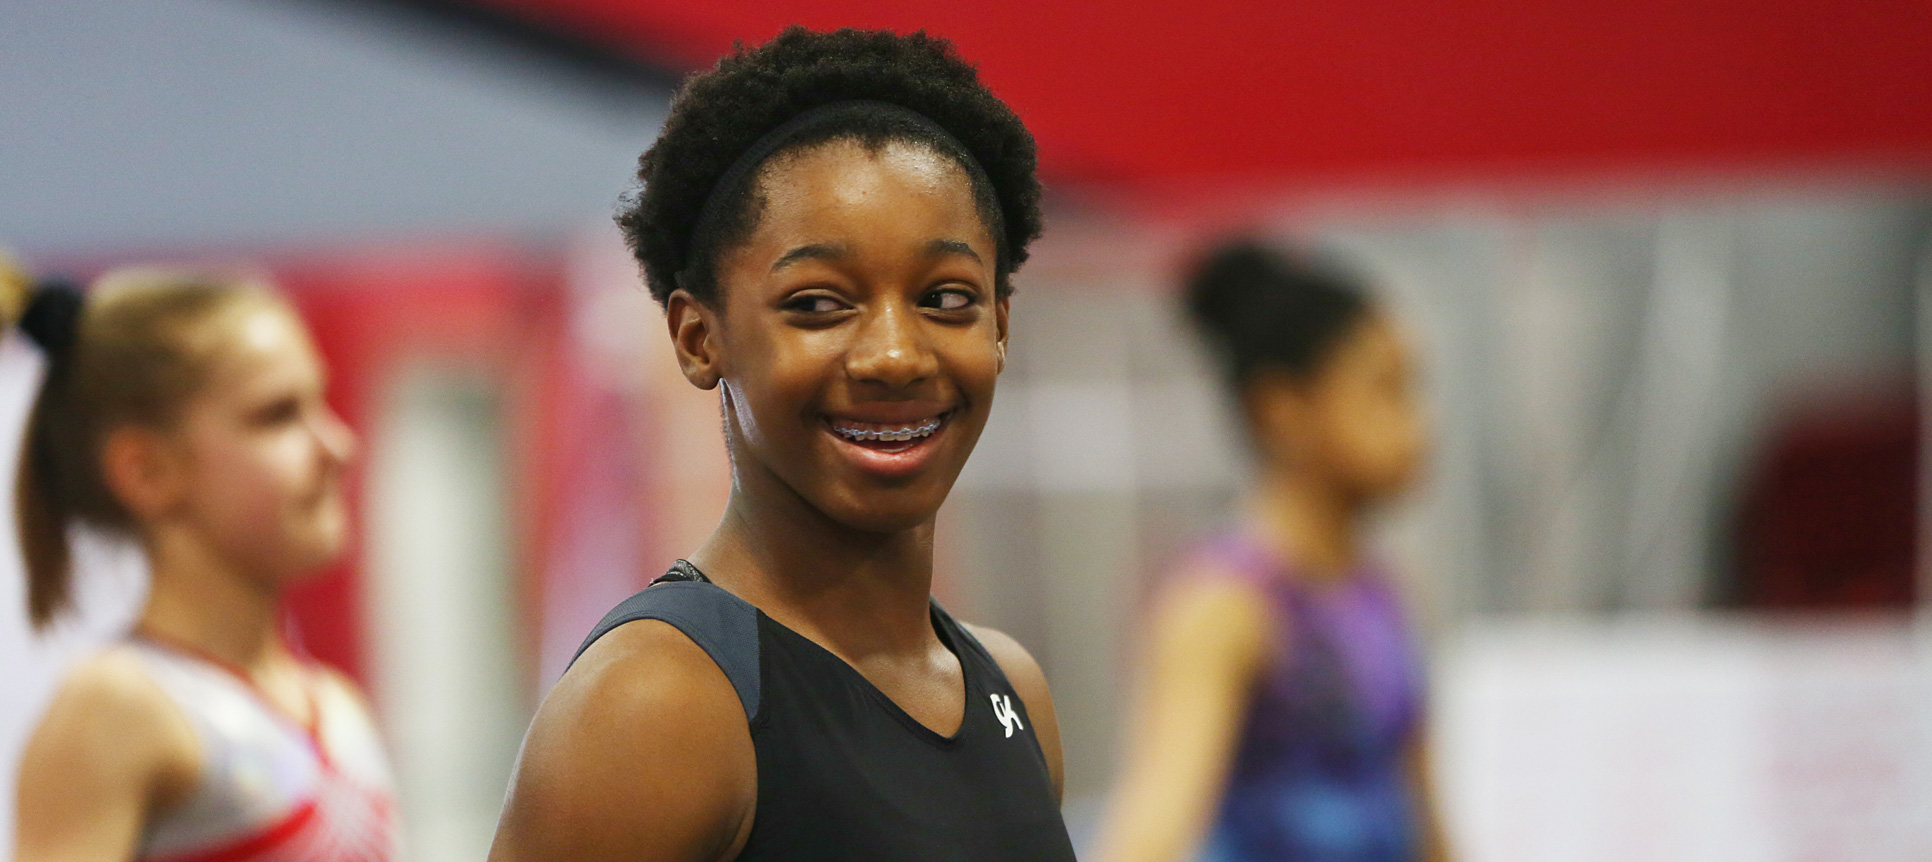 Aya smiling during practice